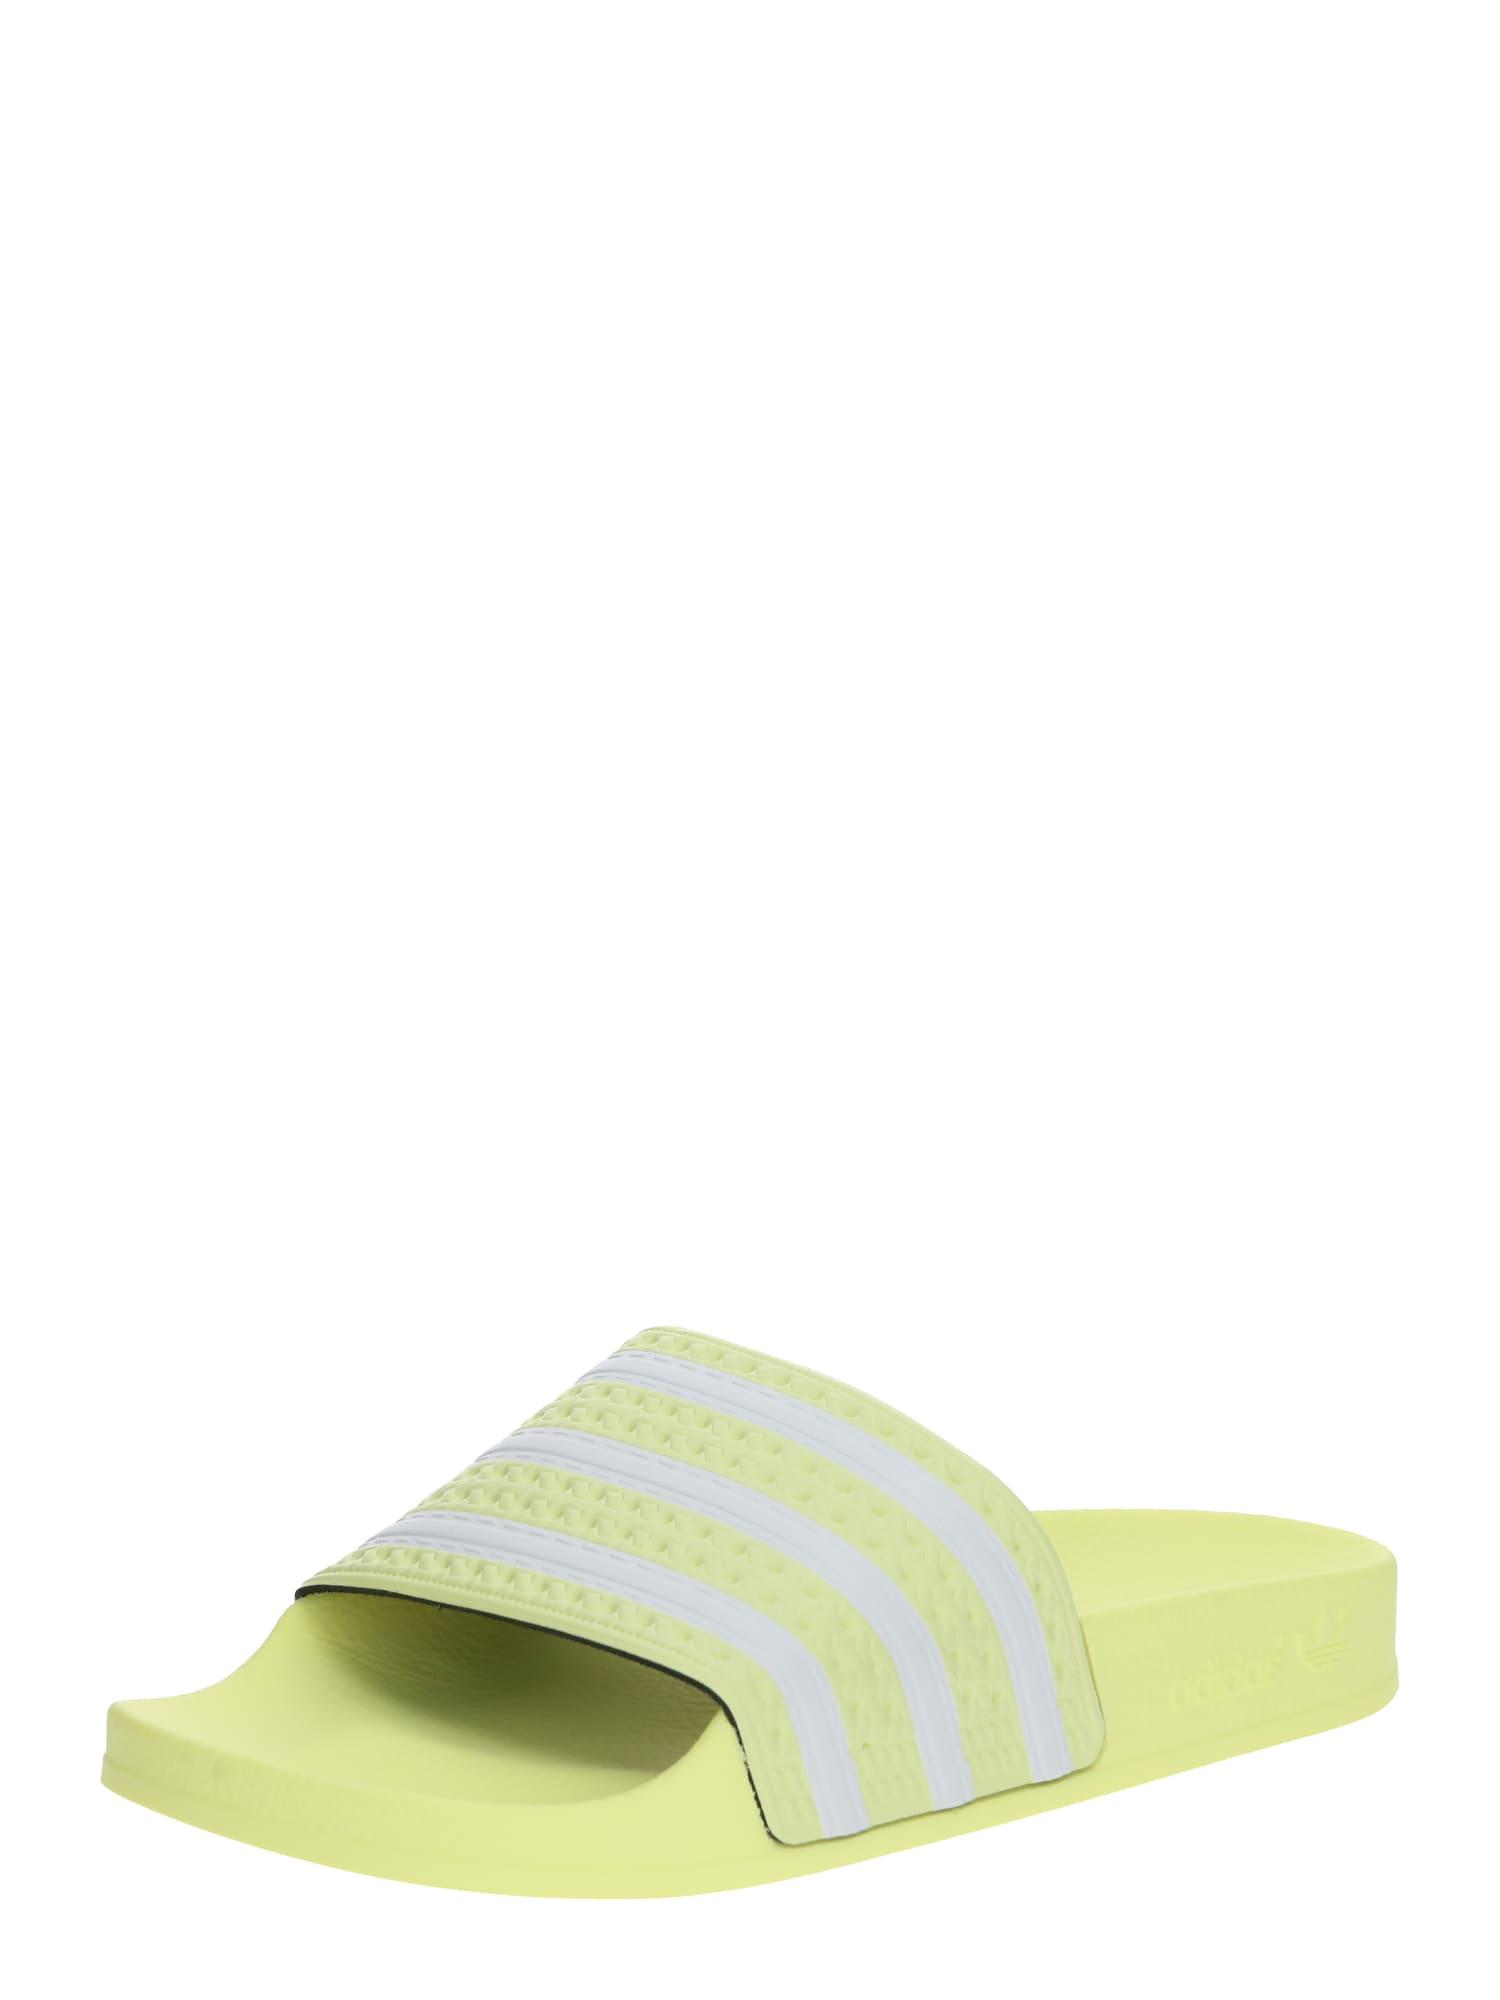 ADIDAS ORIGINALS Flip-flops 'ADILETTE'  galben / alb